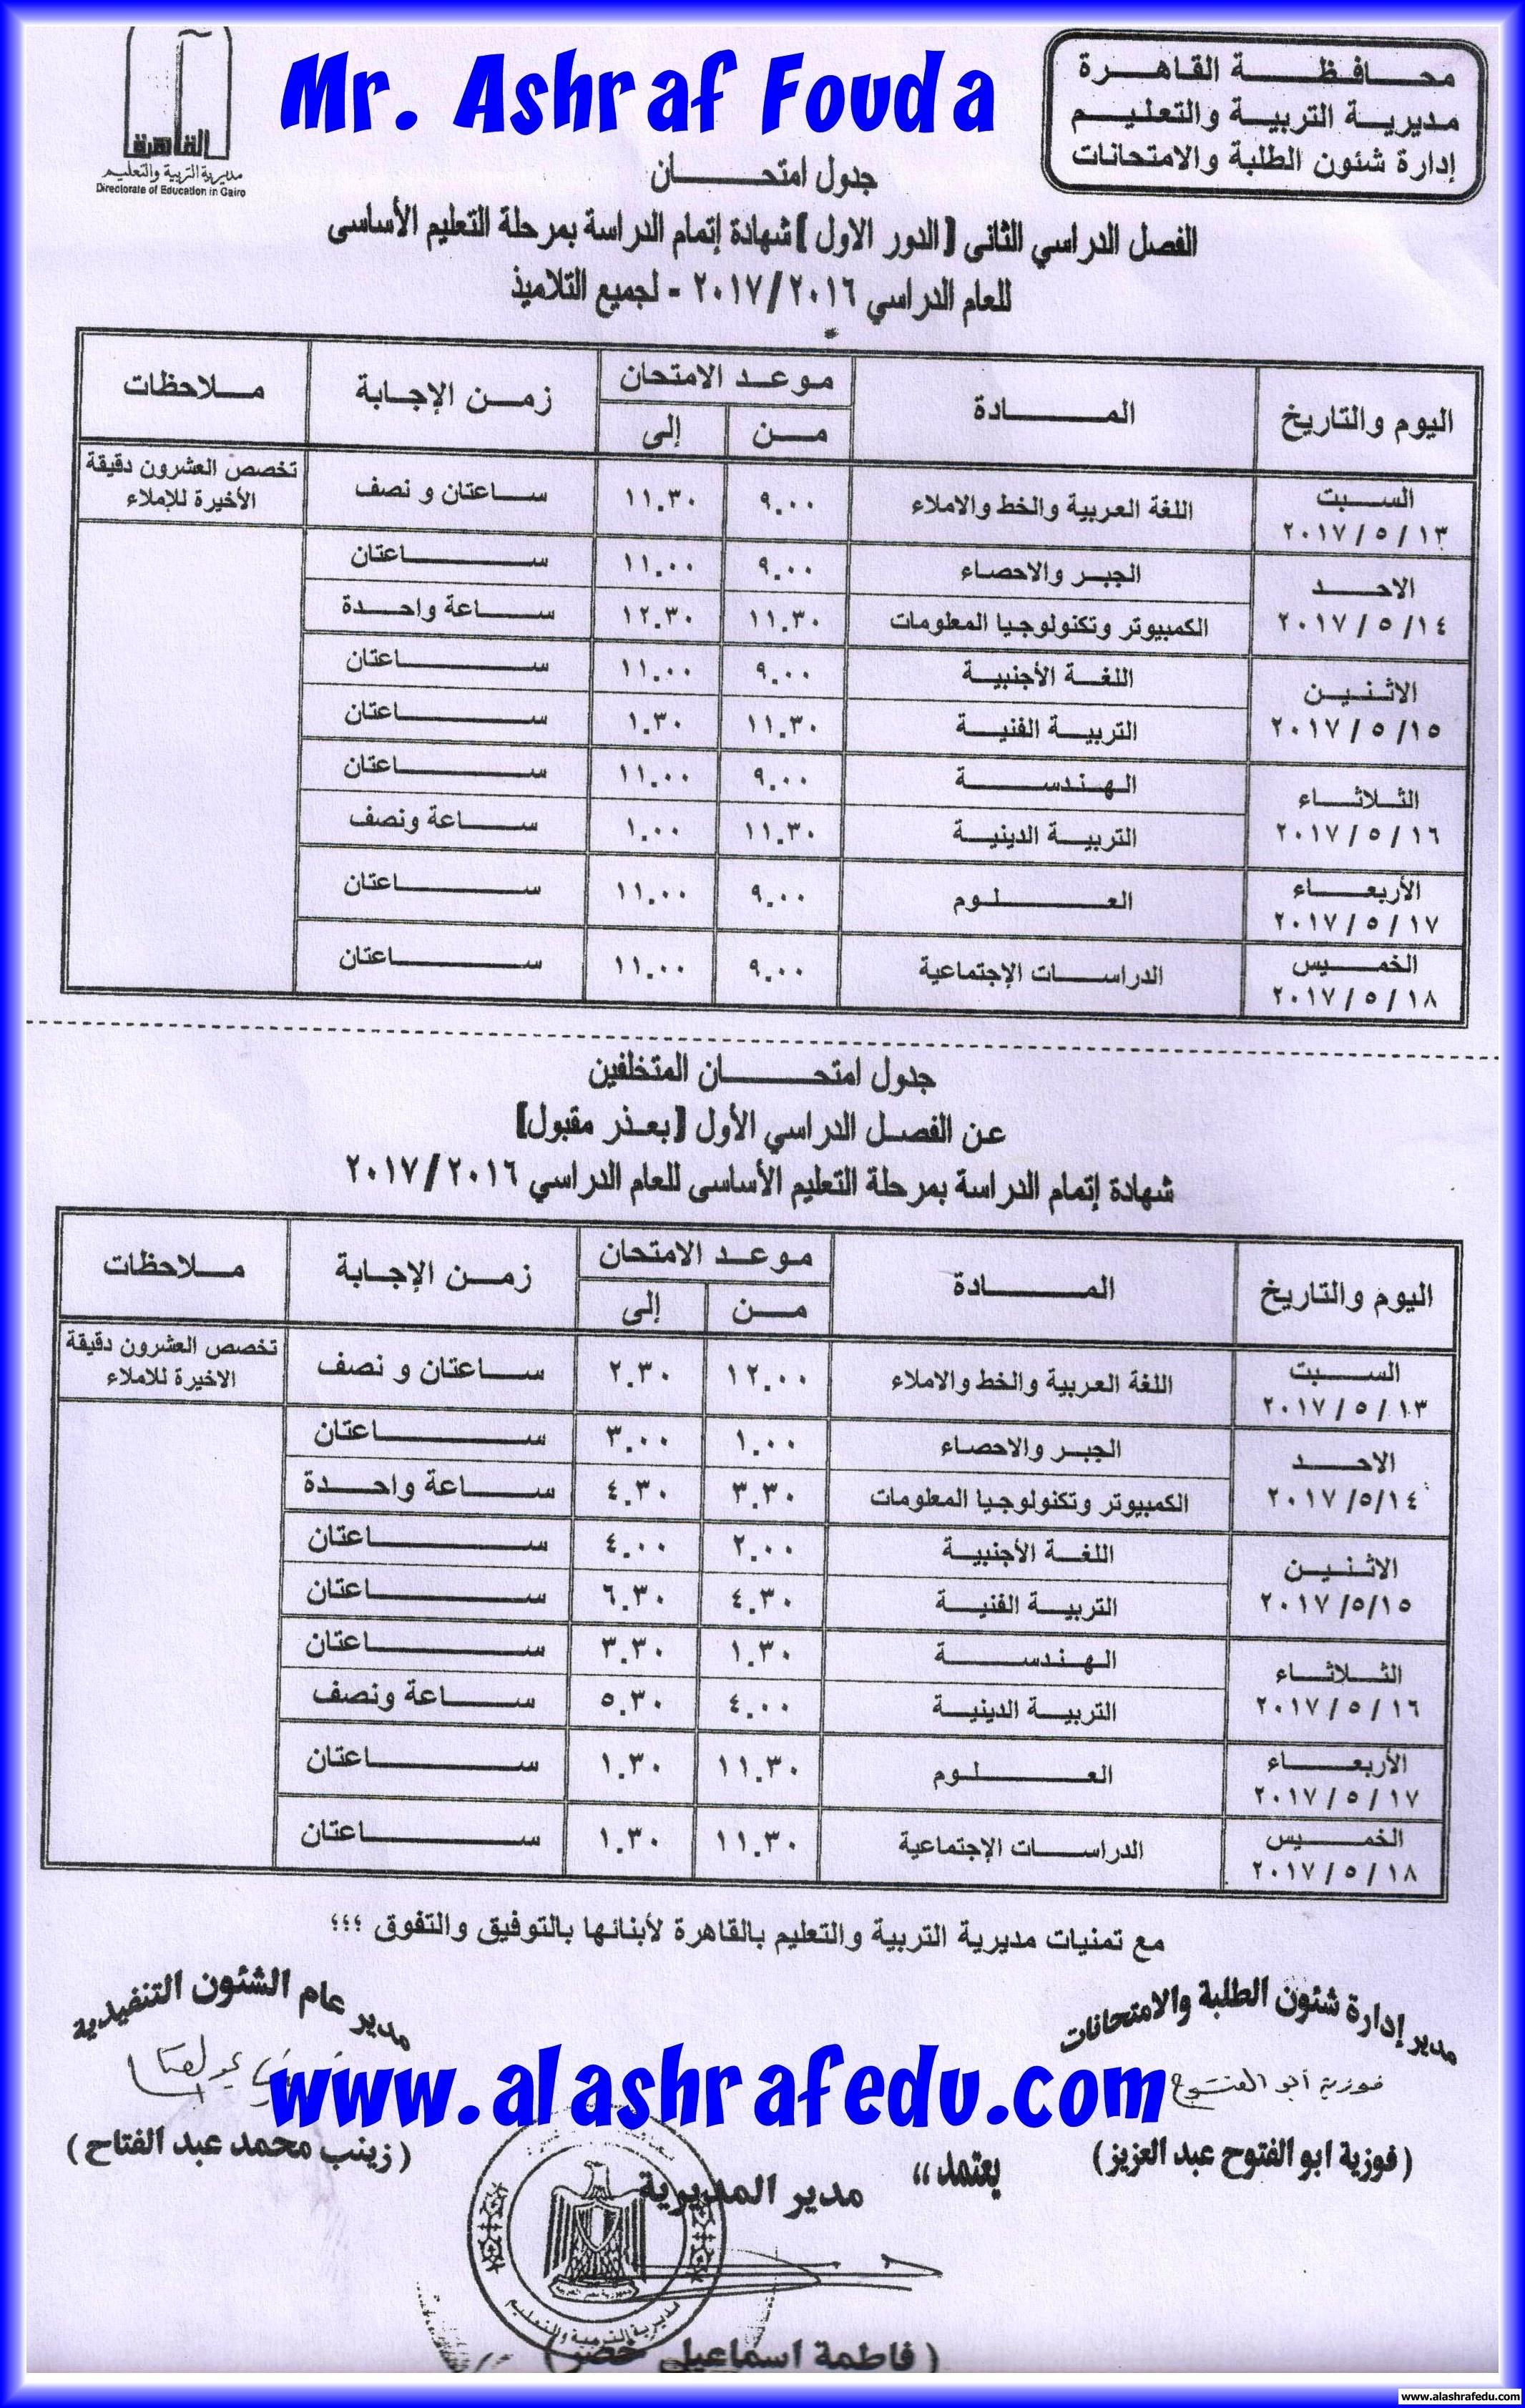 جدول إمتحانات محافظة القاهره 2017 www.alashrafedu.com1